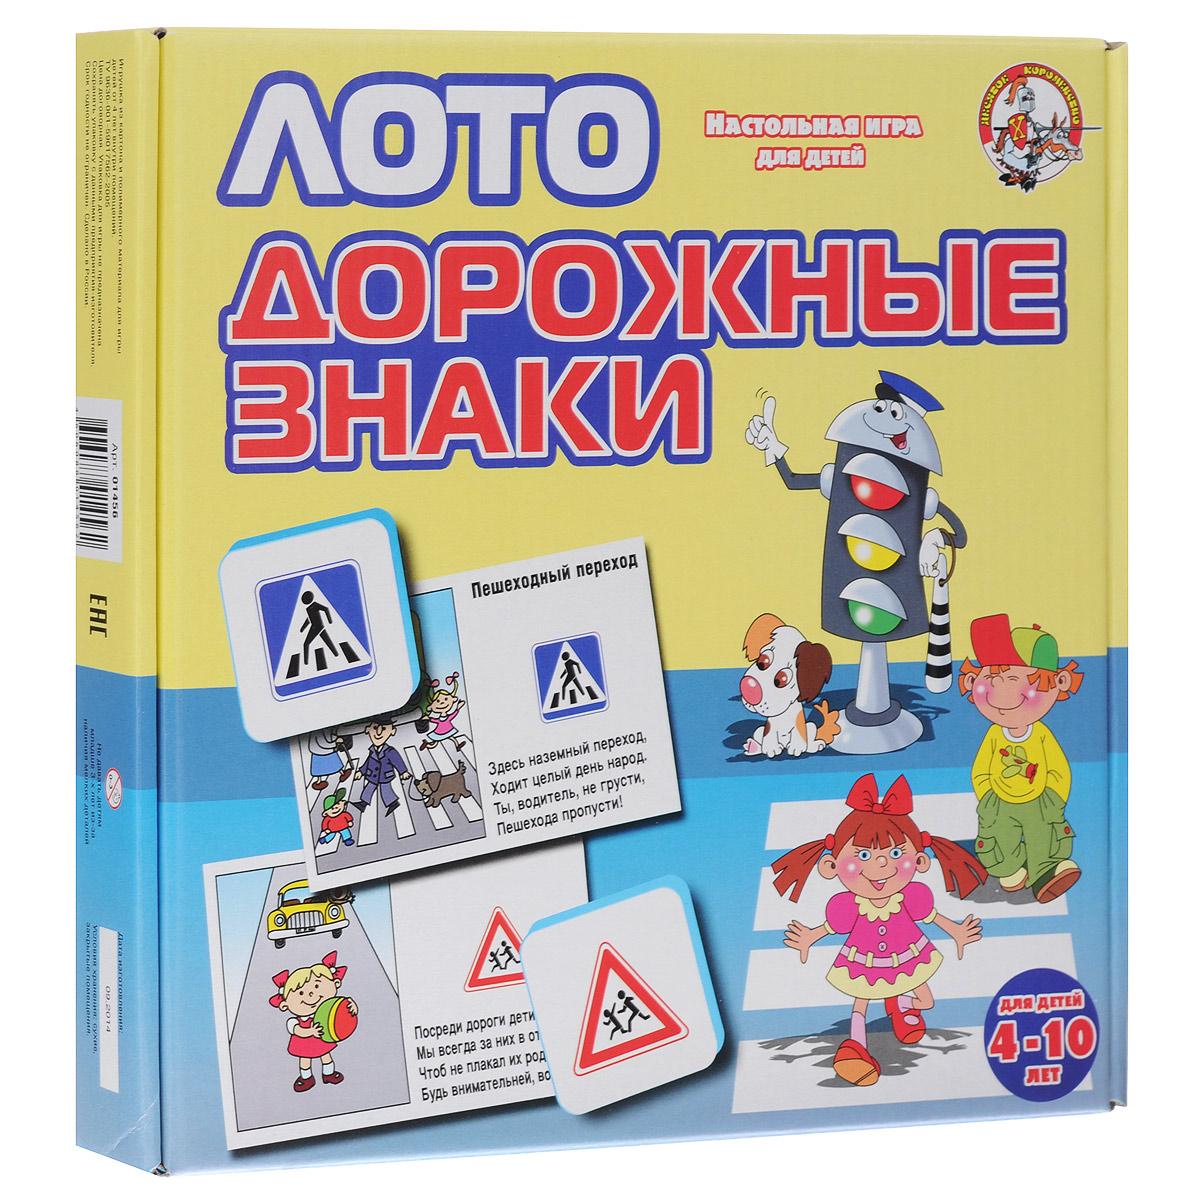 настольная игра лото для детей дорожные знаки 01456 Десятое королевство Лото Дорожные знаки